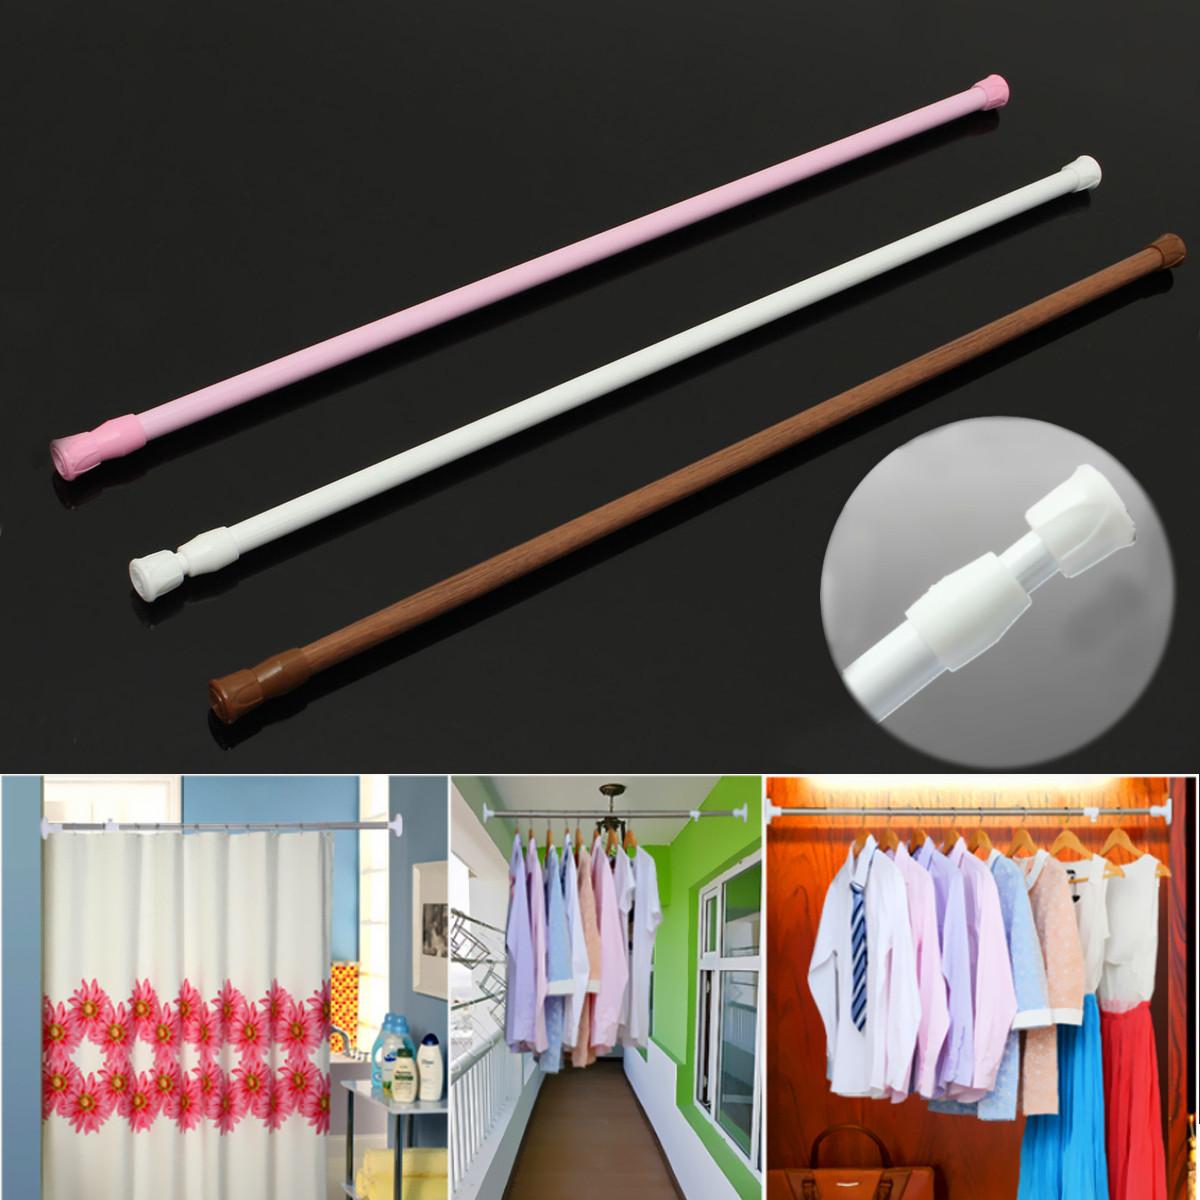 Curtain rod adjustable